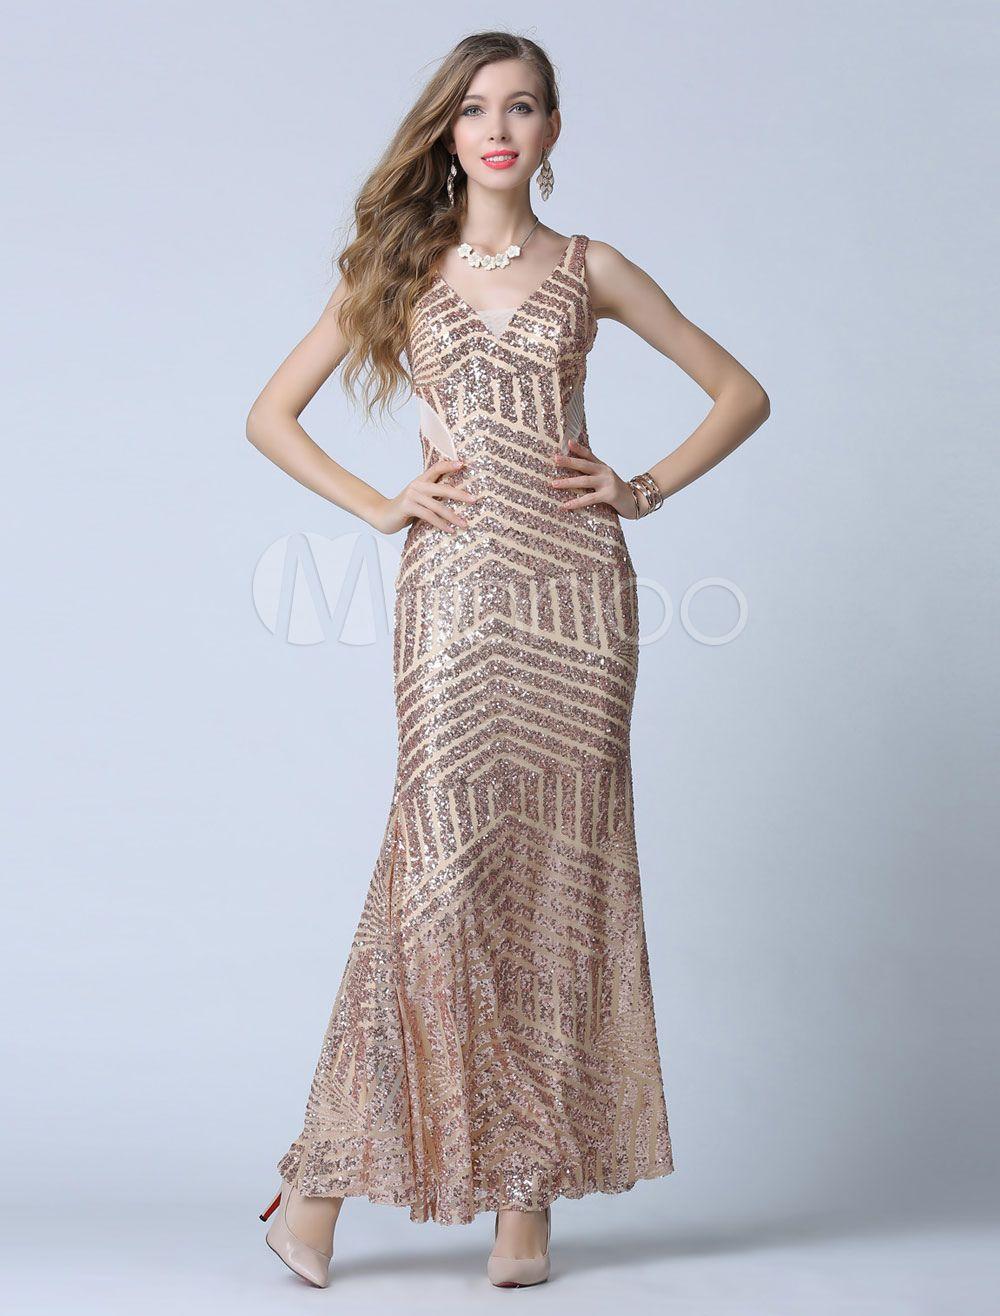 Bainha do vestido de baile ouro correias V profundo lantejoulas, vestido de noite - Milanoo.com